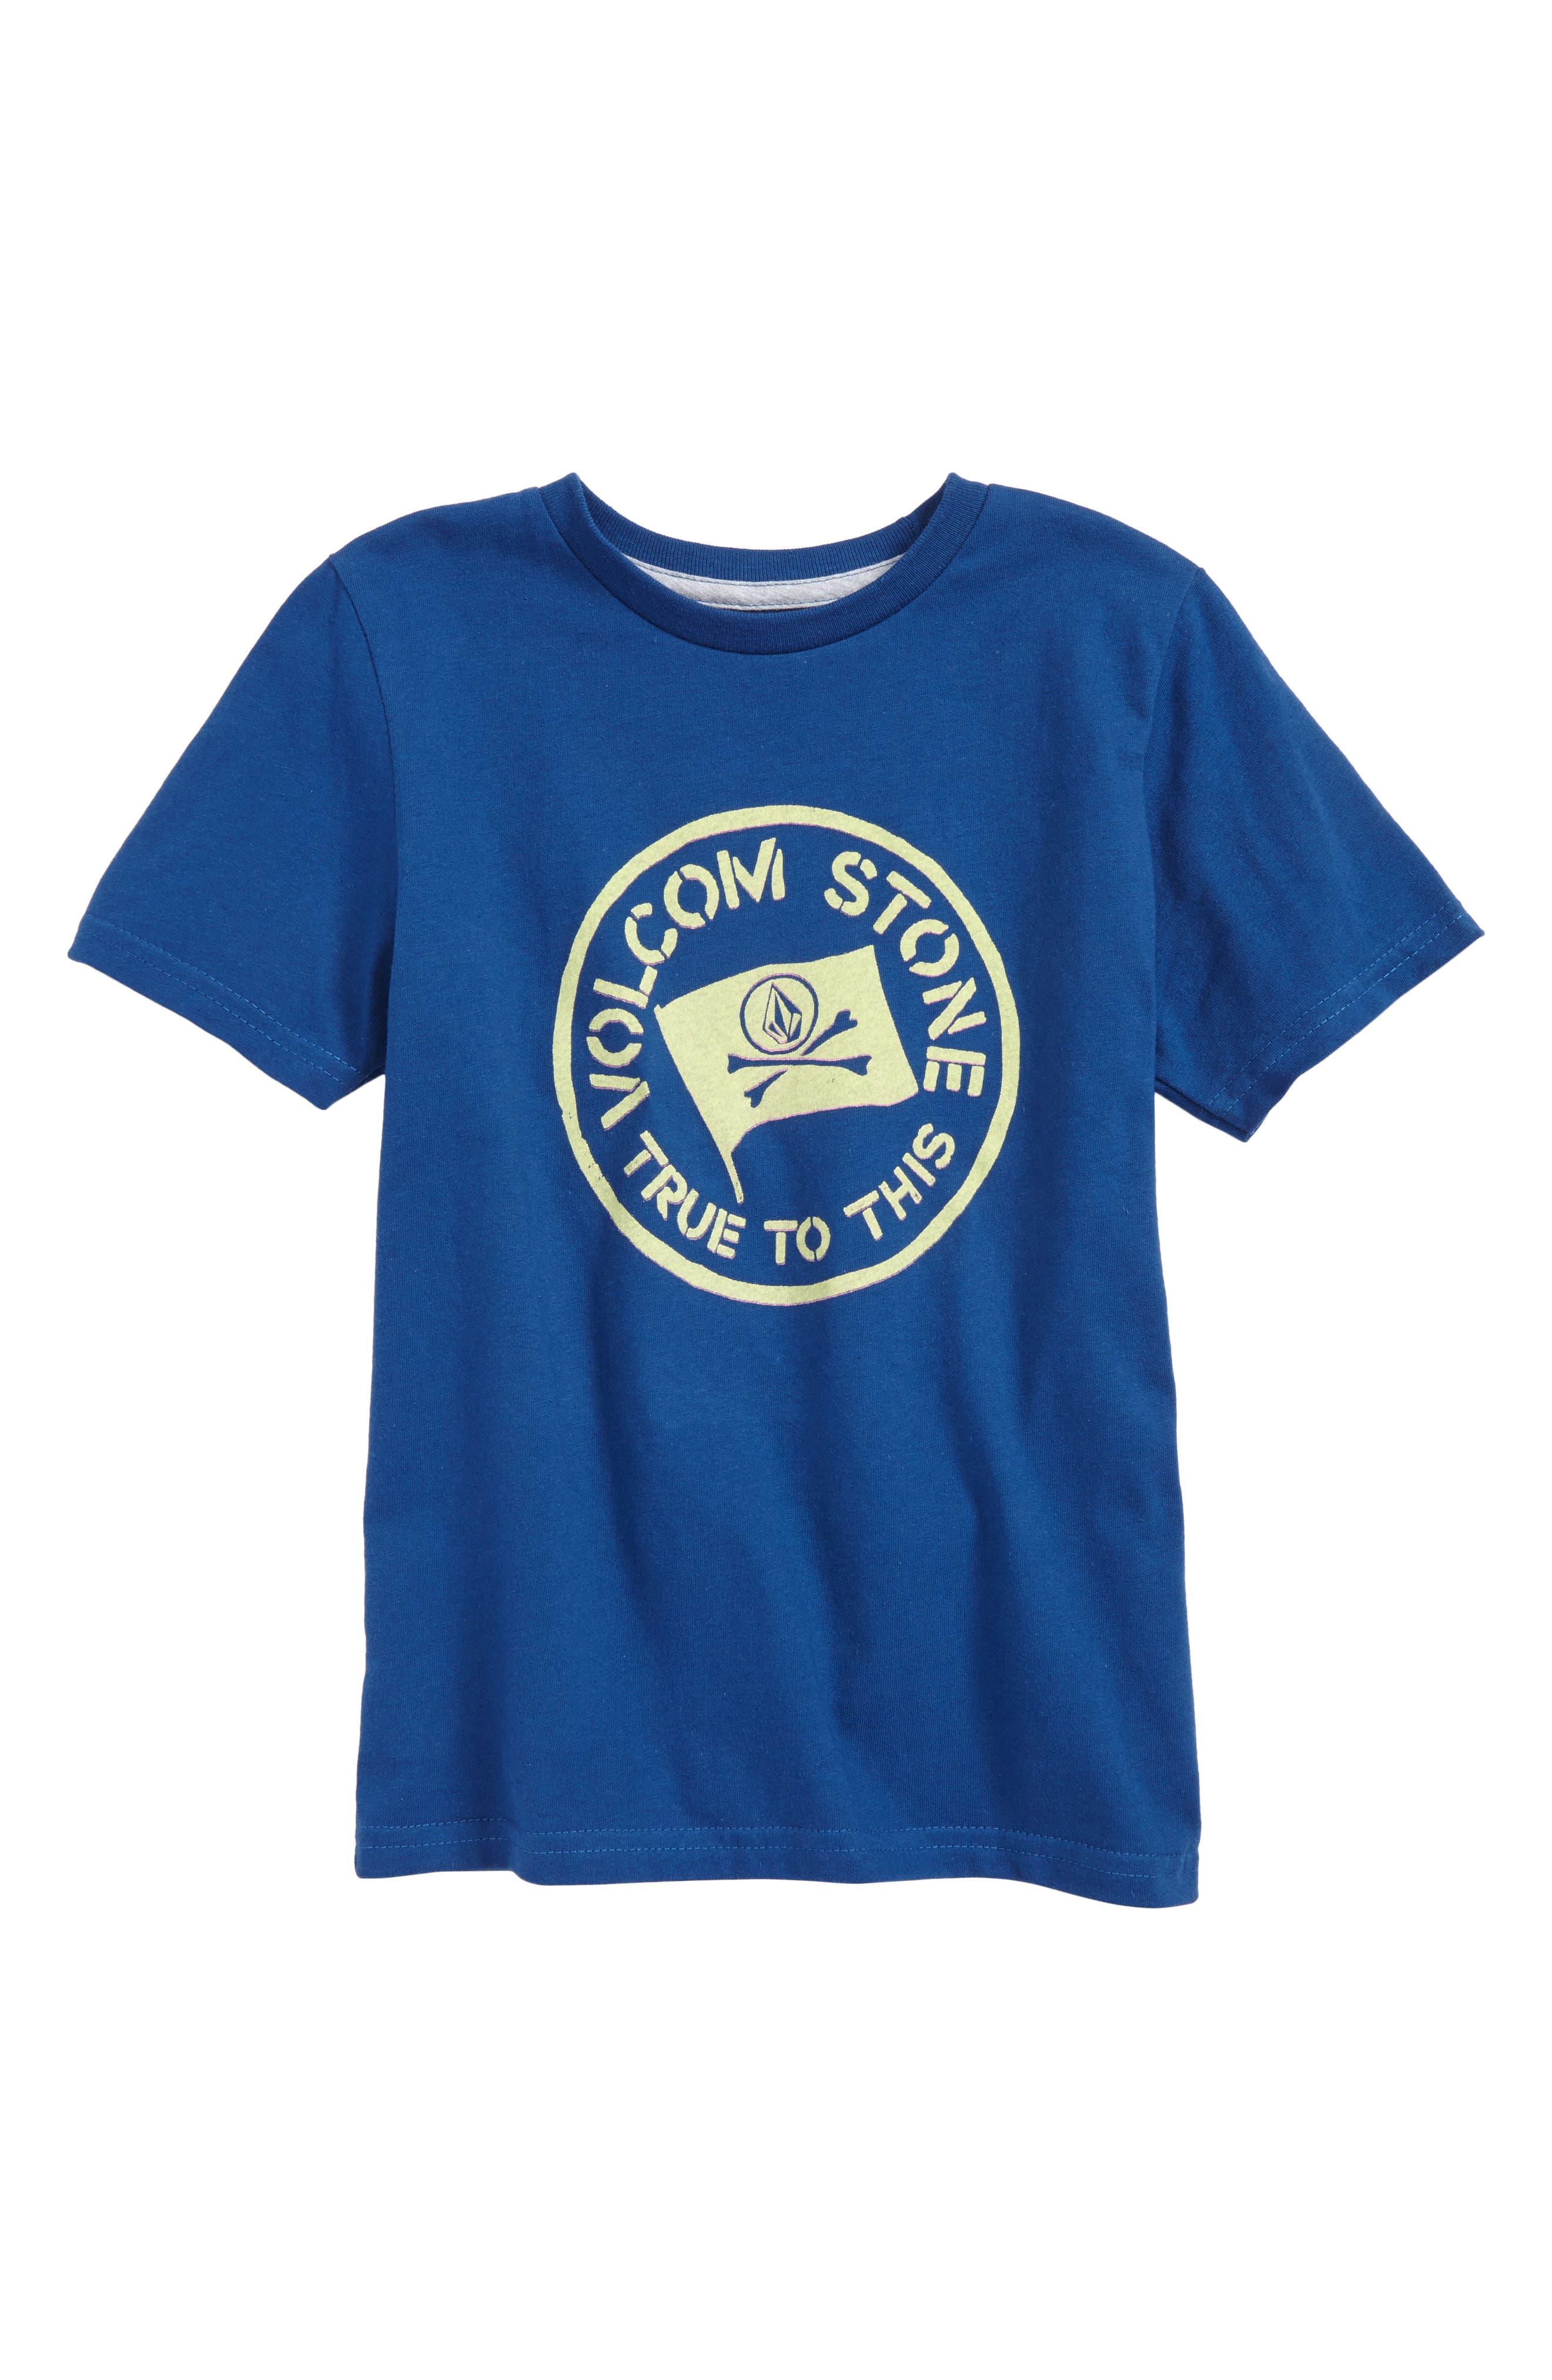 Jolly Rebel T-Shirt,                         Main,                         color, 421